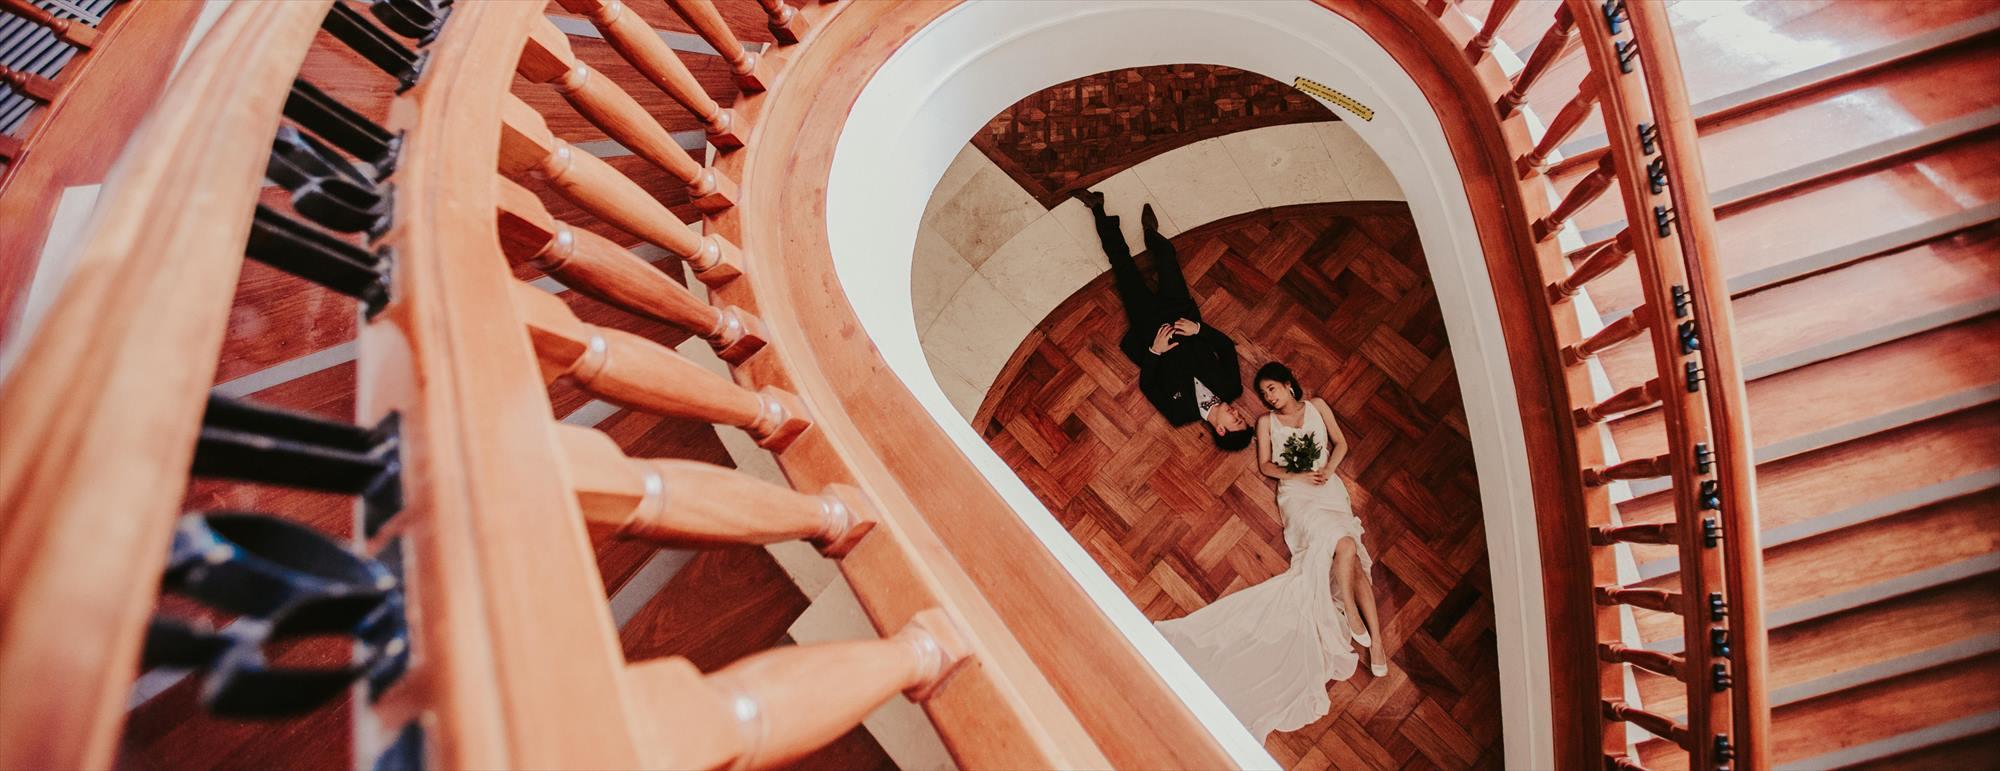 セブ島ホテル・ウェディング・フォトShagri-La's Mactan Resort&Spa Wedding Photo~シャングリラ・マクタン挙式